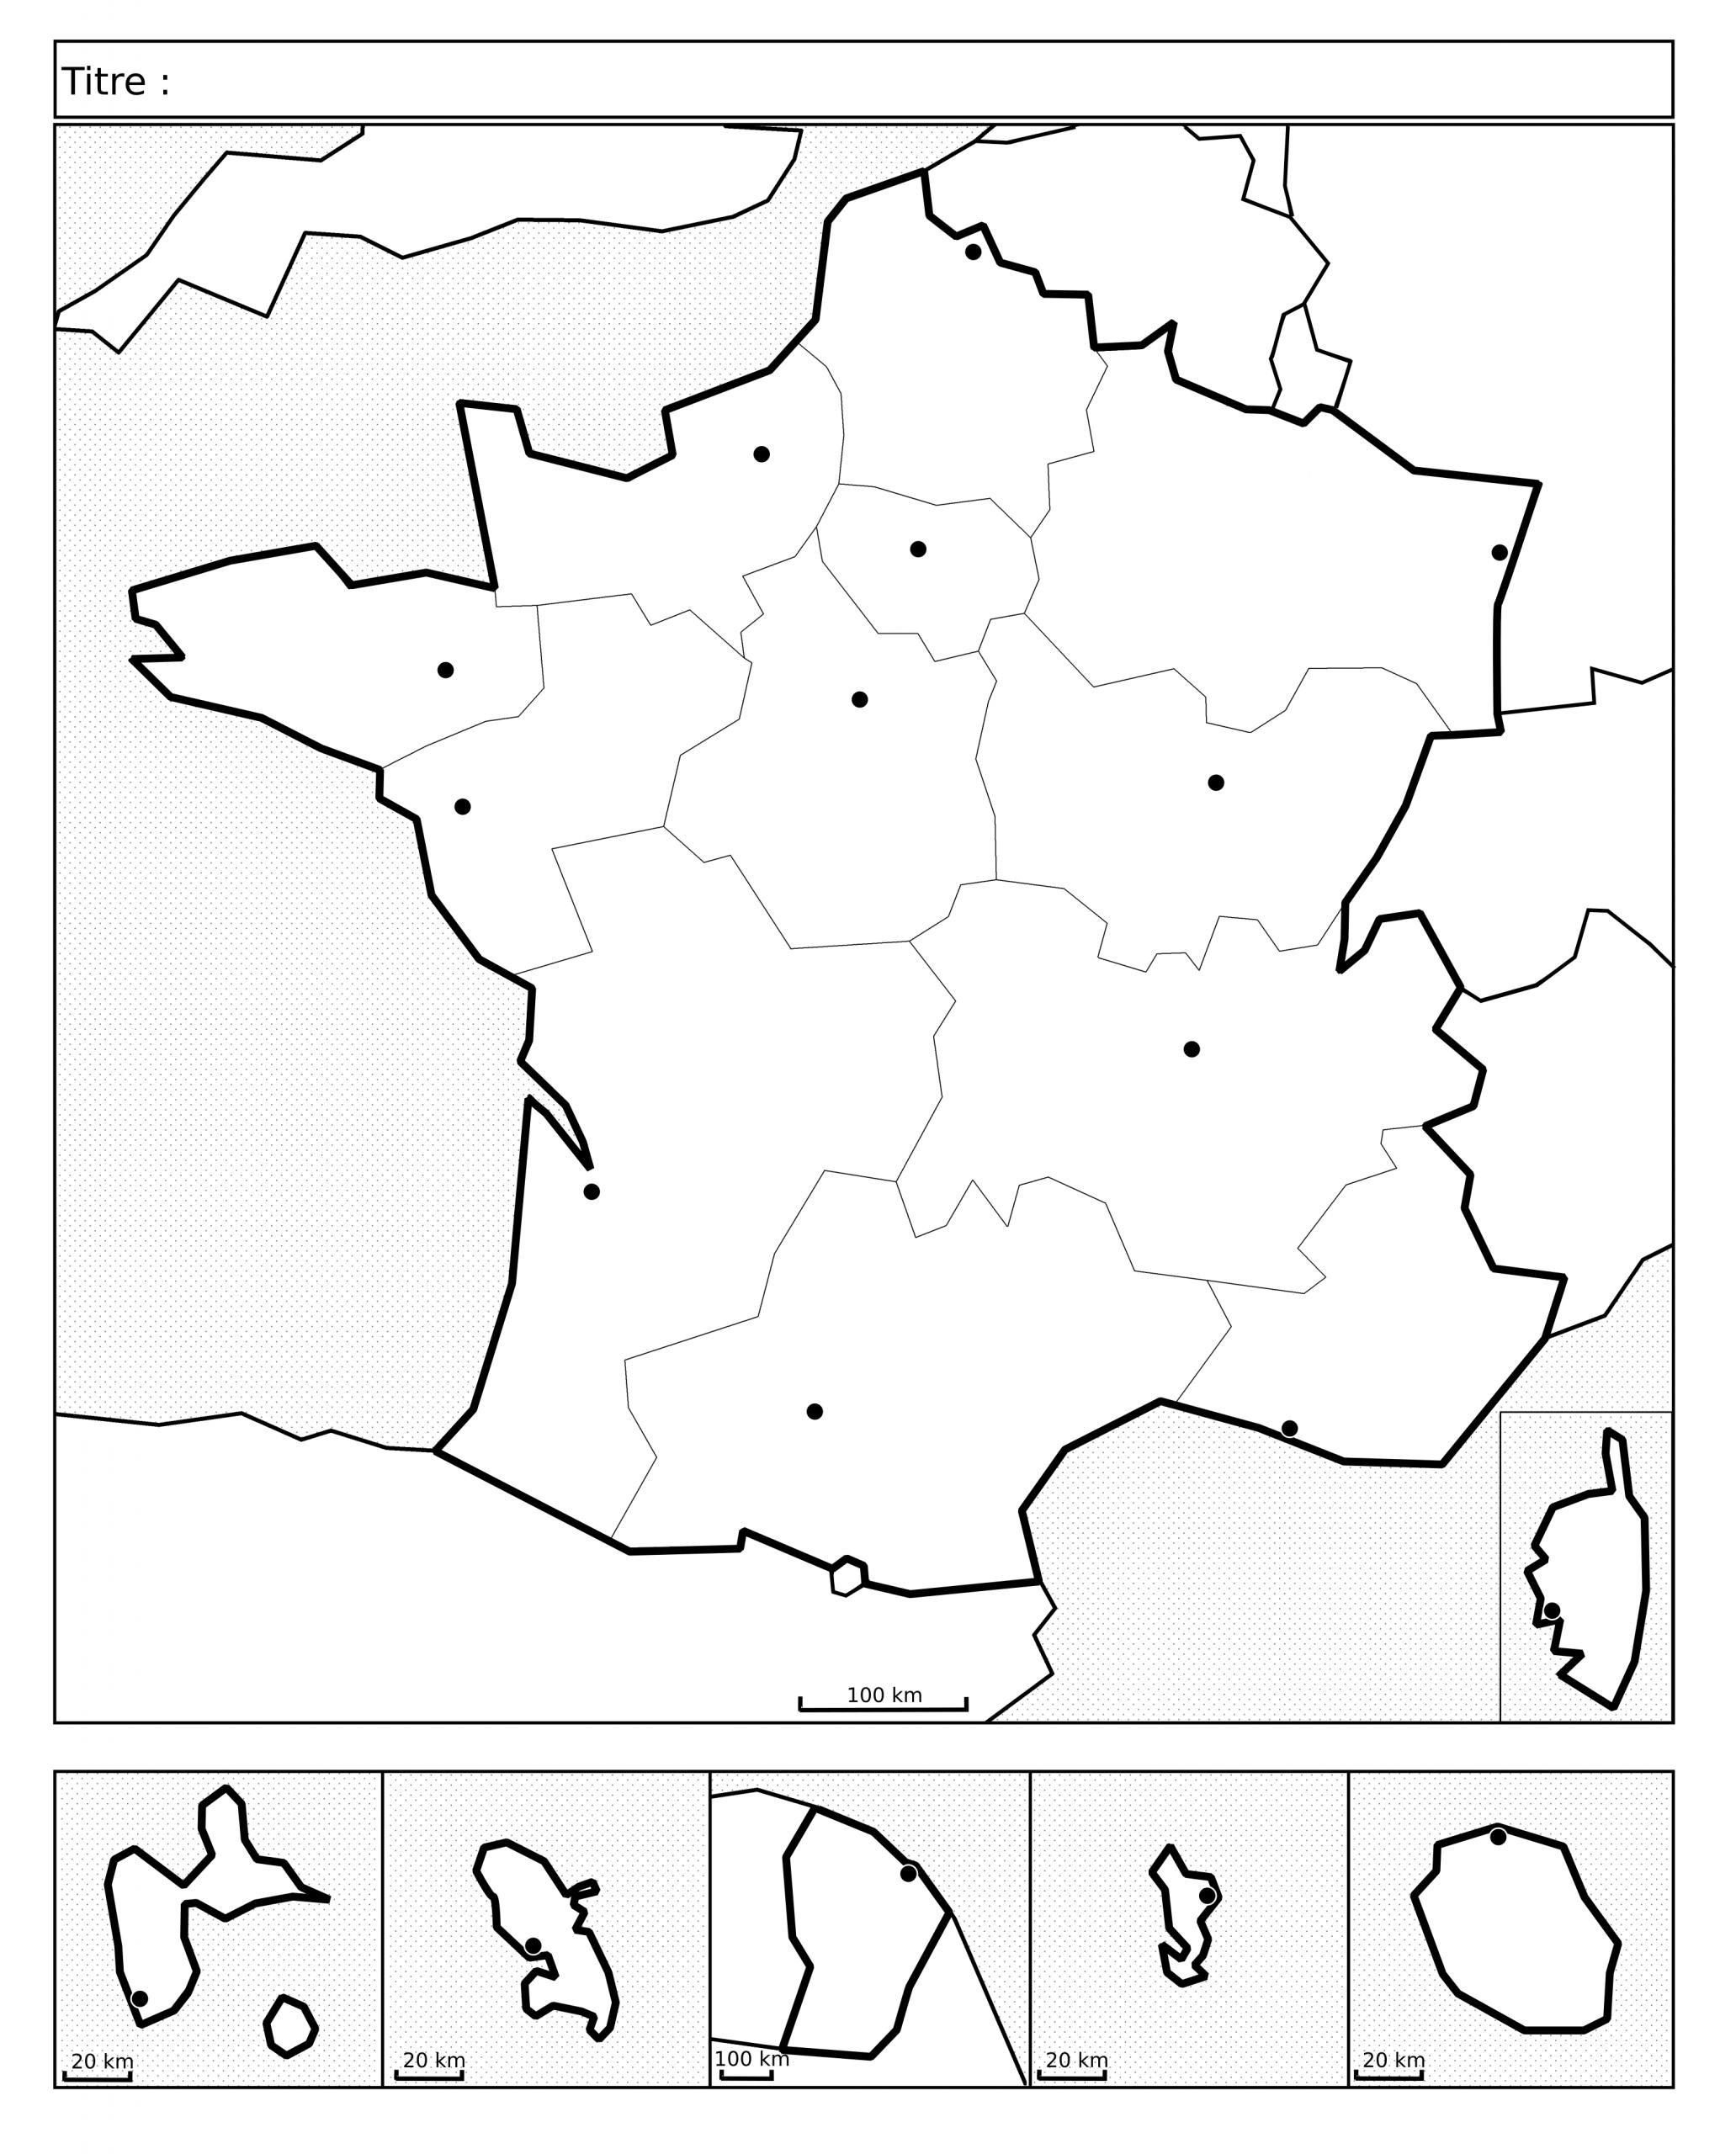 Fonds De Cartes Et Croquis Pour S'entraîner 1/2 | Collège intérieur Carte De France A Remplir